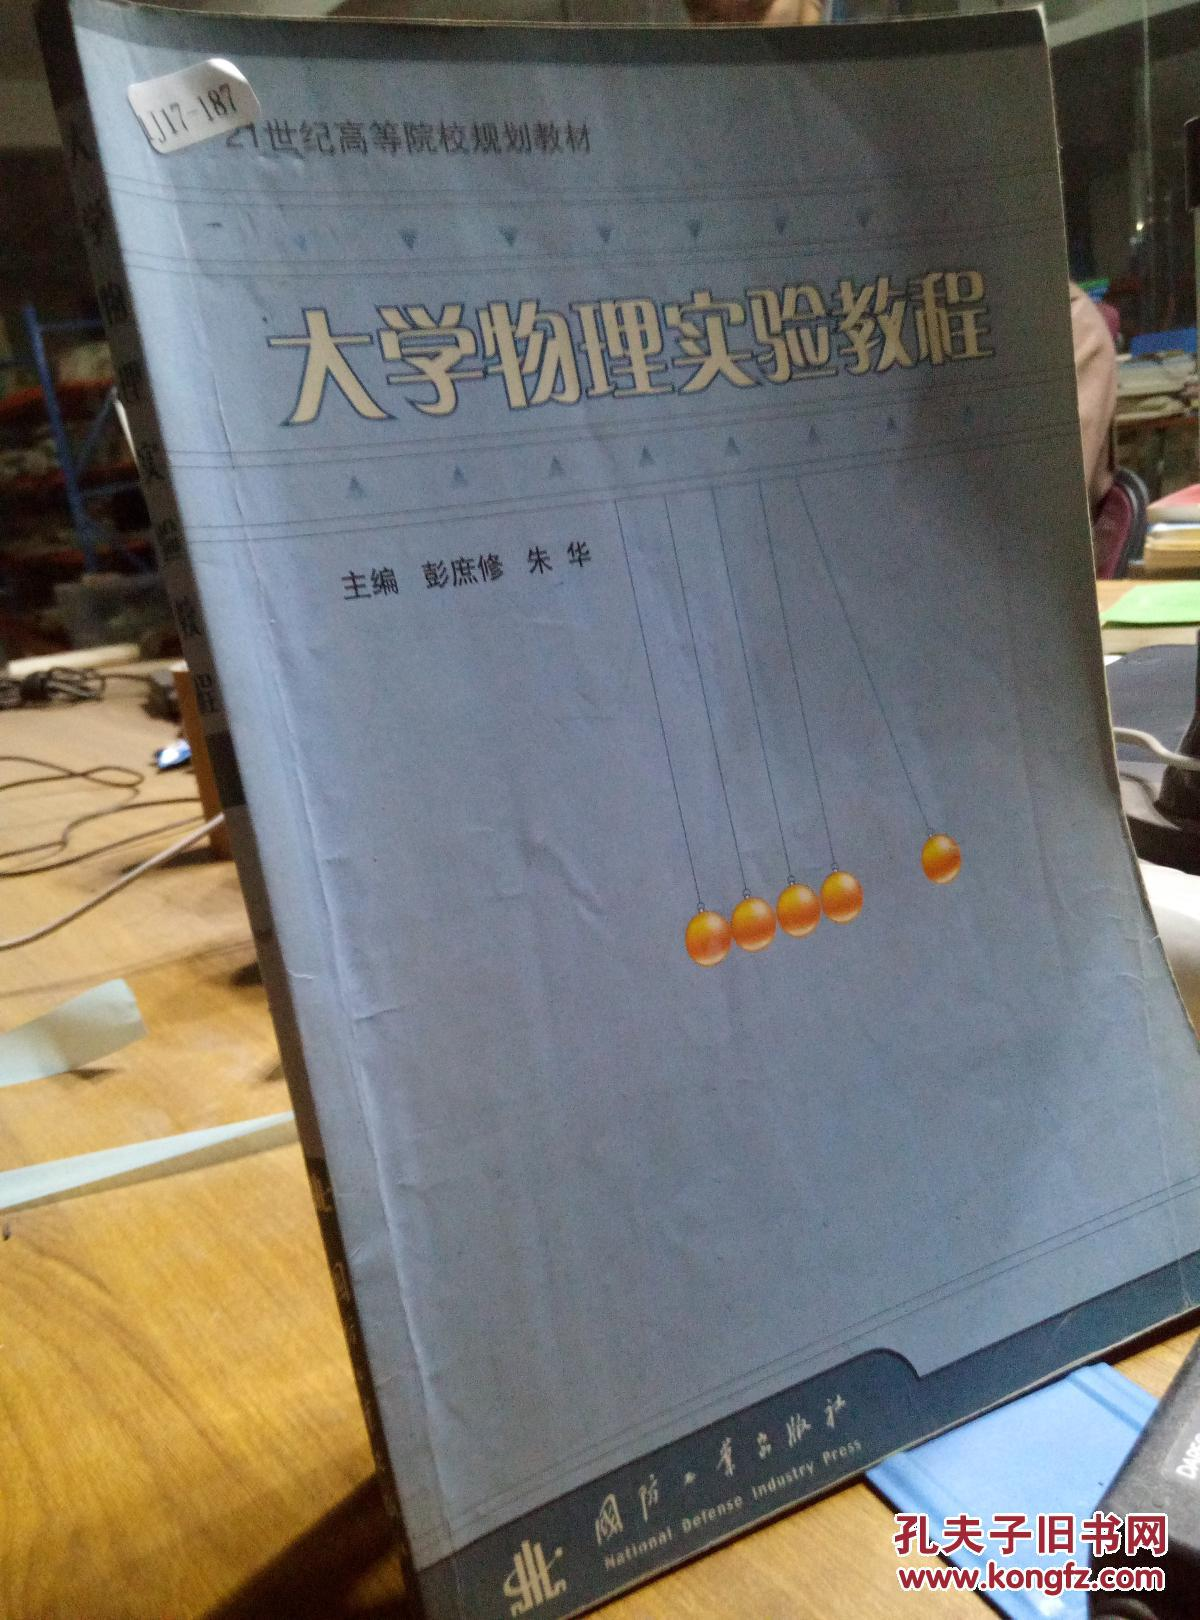 编写景德镇陶瓷学院初中竞赛语文教学改革的实践经验总结而成.趣味实验物理课程图片